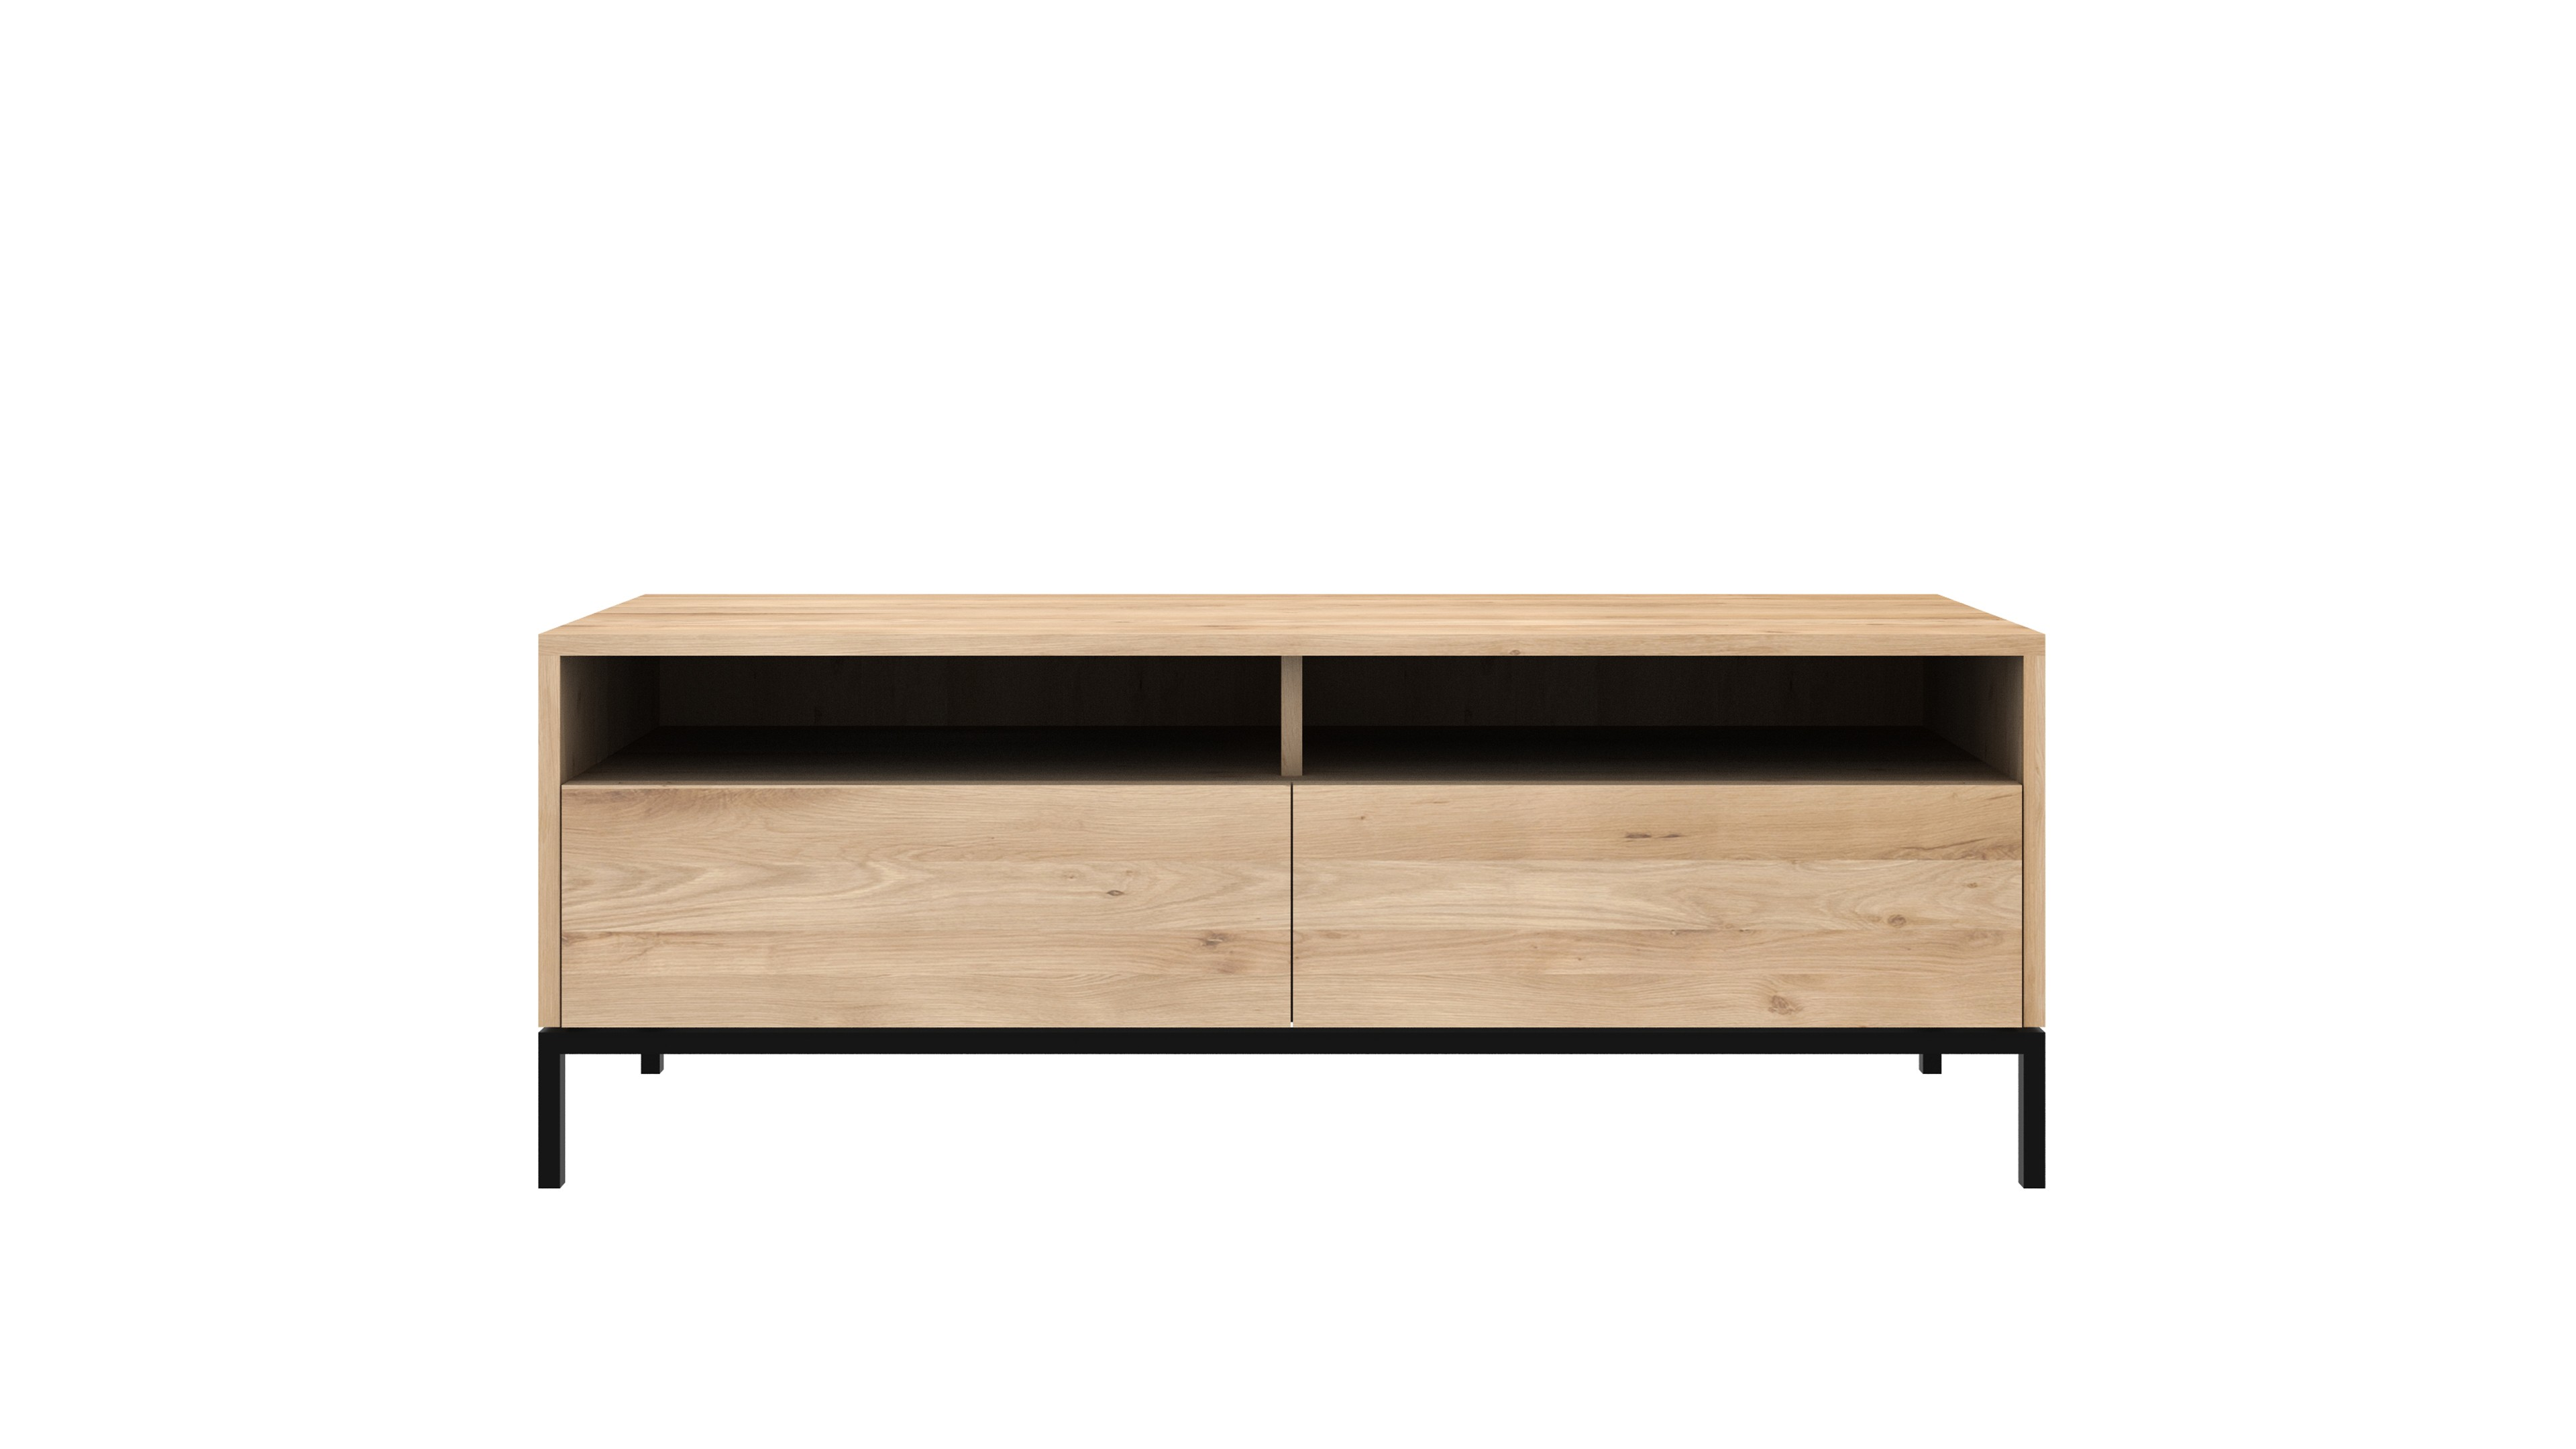 Meuble tv oak ligna ligna black d 39 ethnicraft 2 options for Meuble tv grande taille